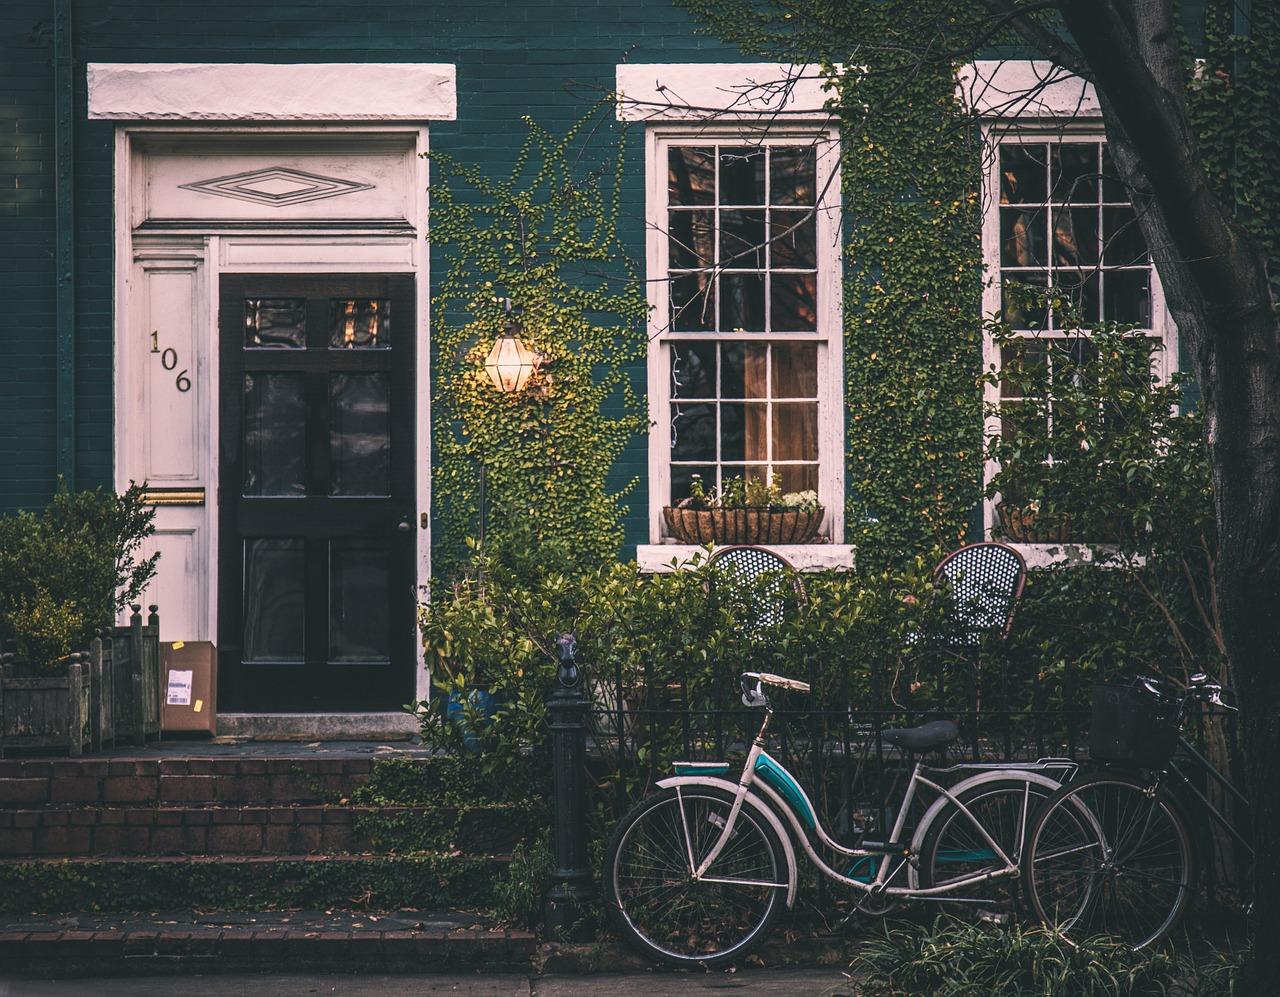 Wij willen ons huis duurzaam verbouwen